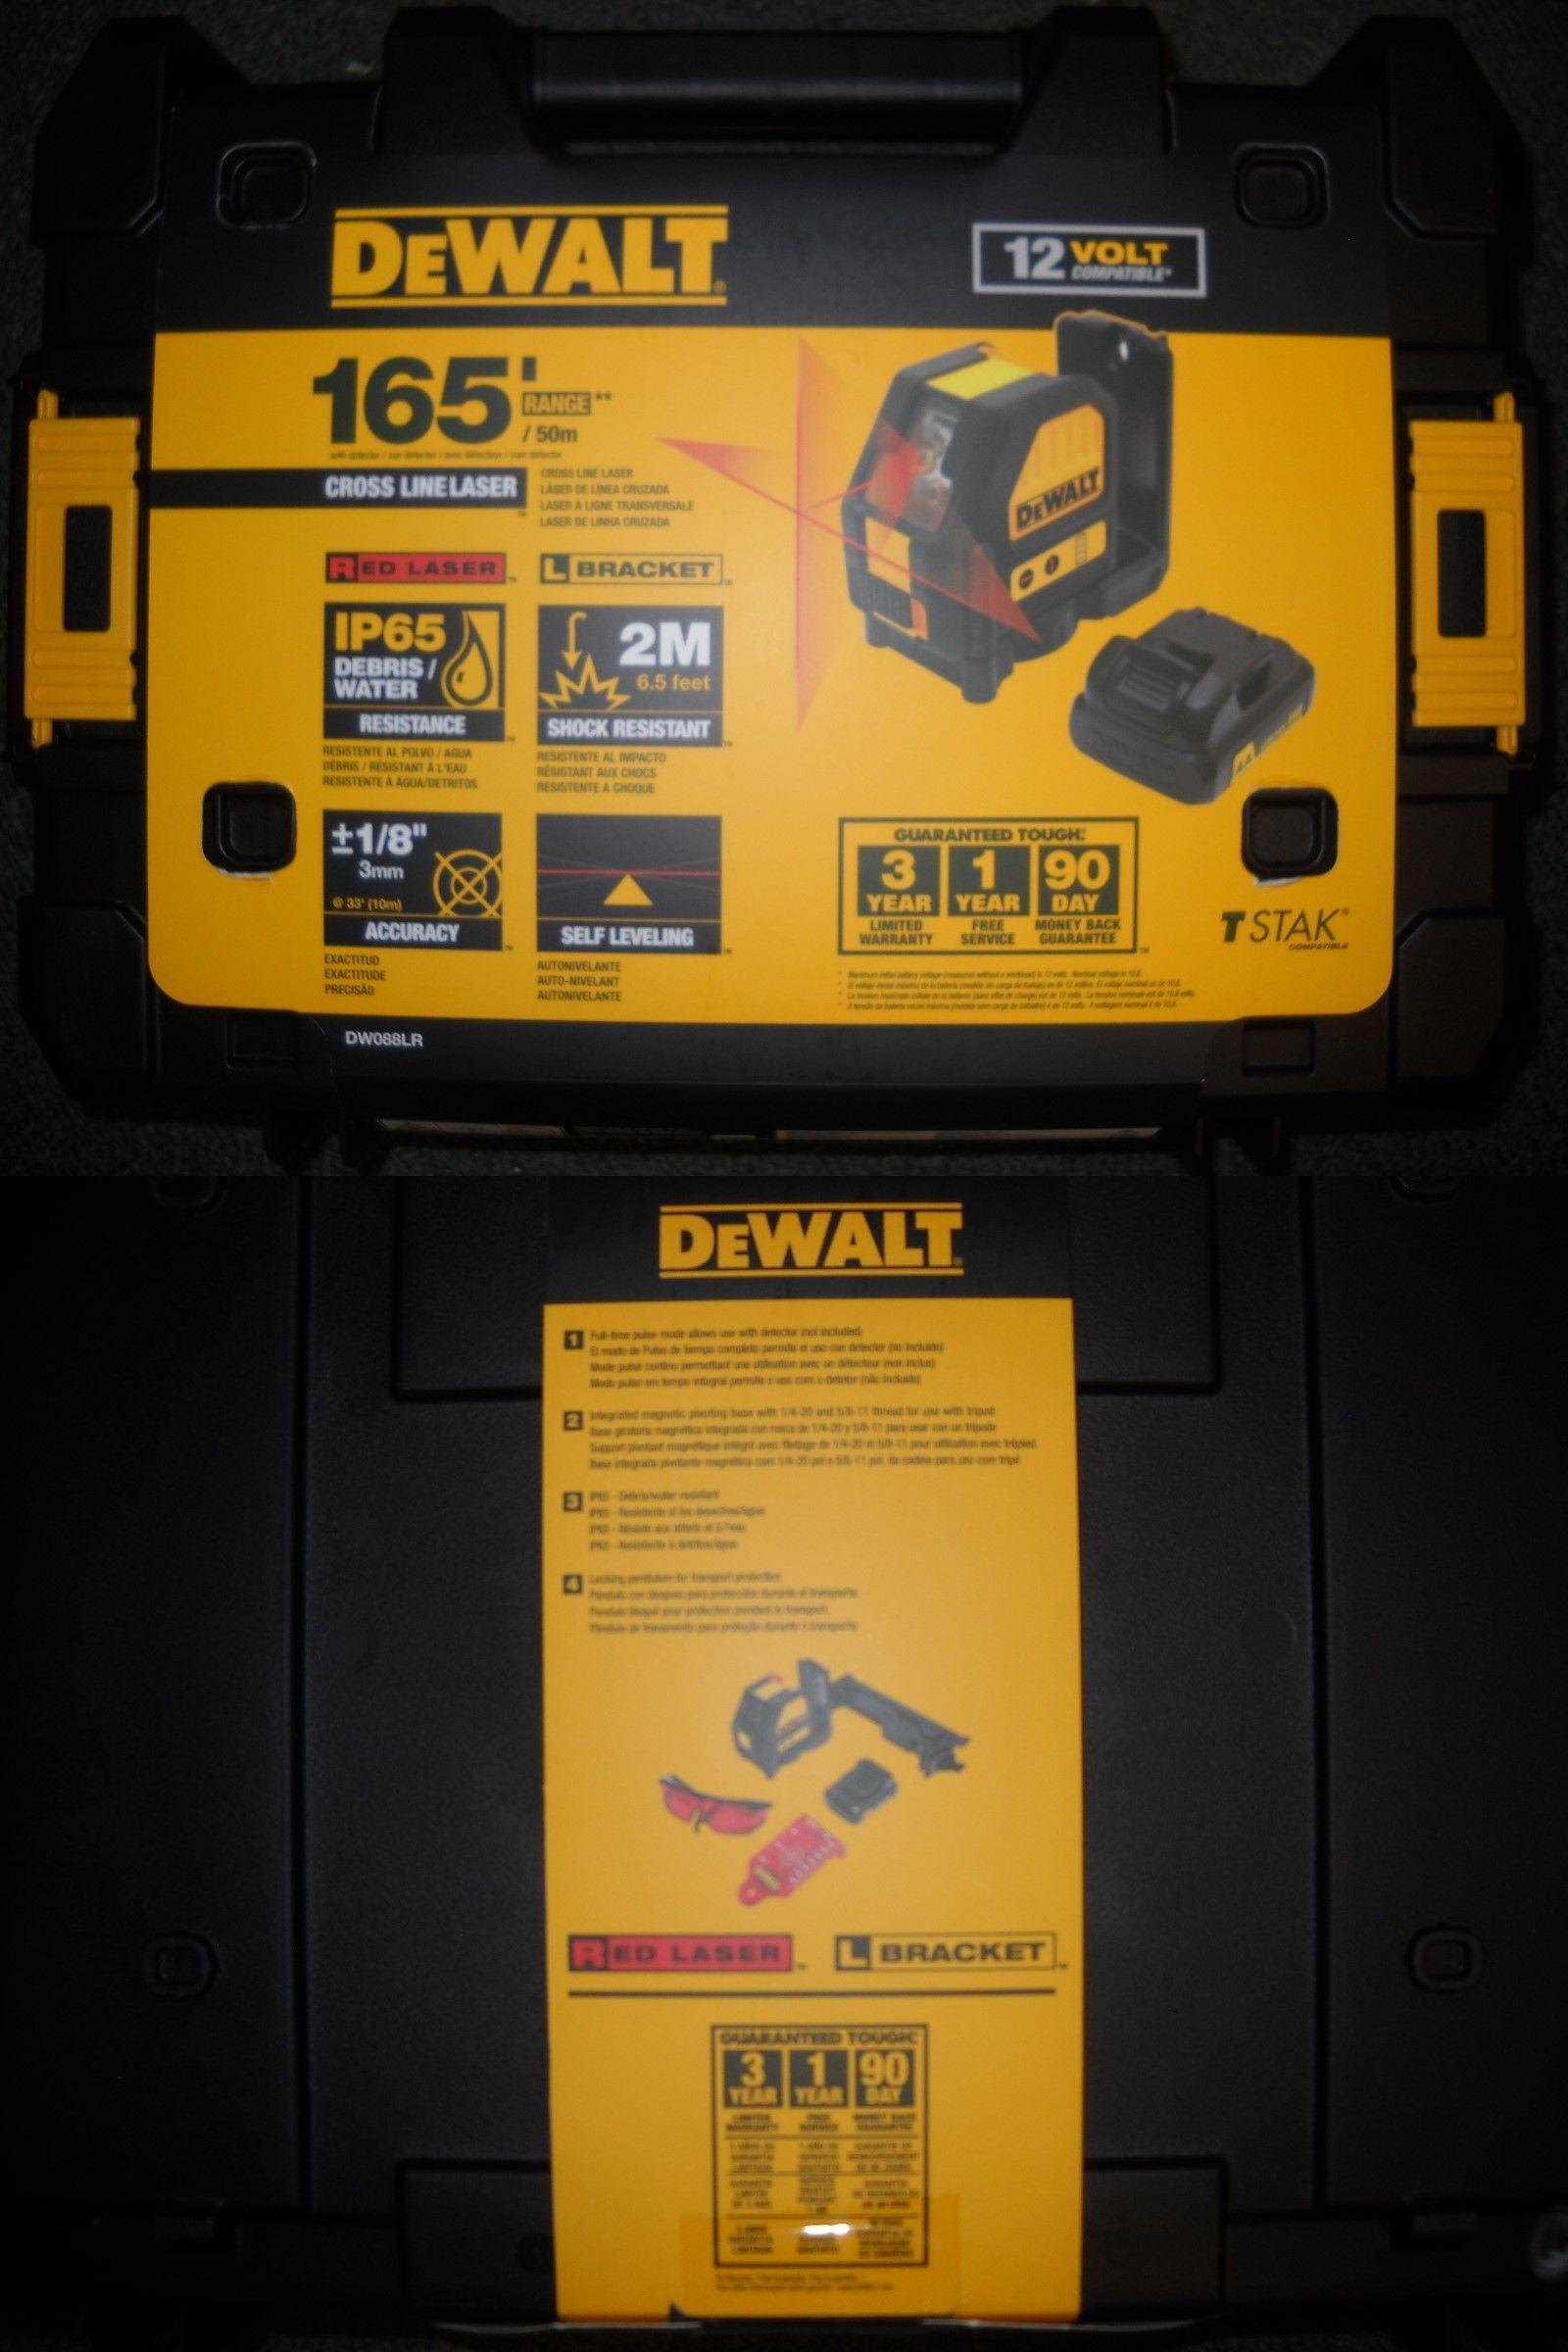 Dewalt Dw088lr 12v Li Ion Rechargeable Self Leveling Red Cross Line Laser New Dewalt Measuring Tools Laser